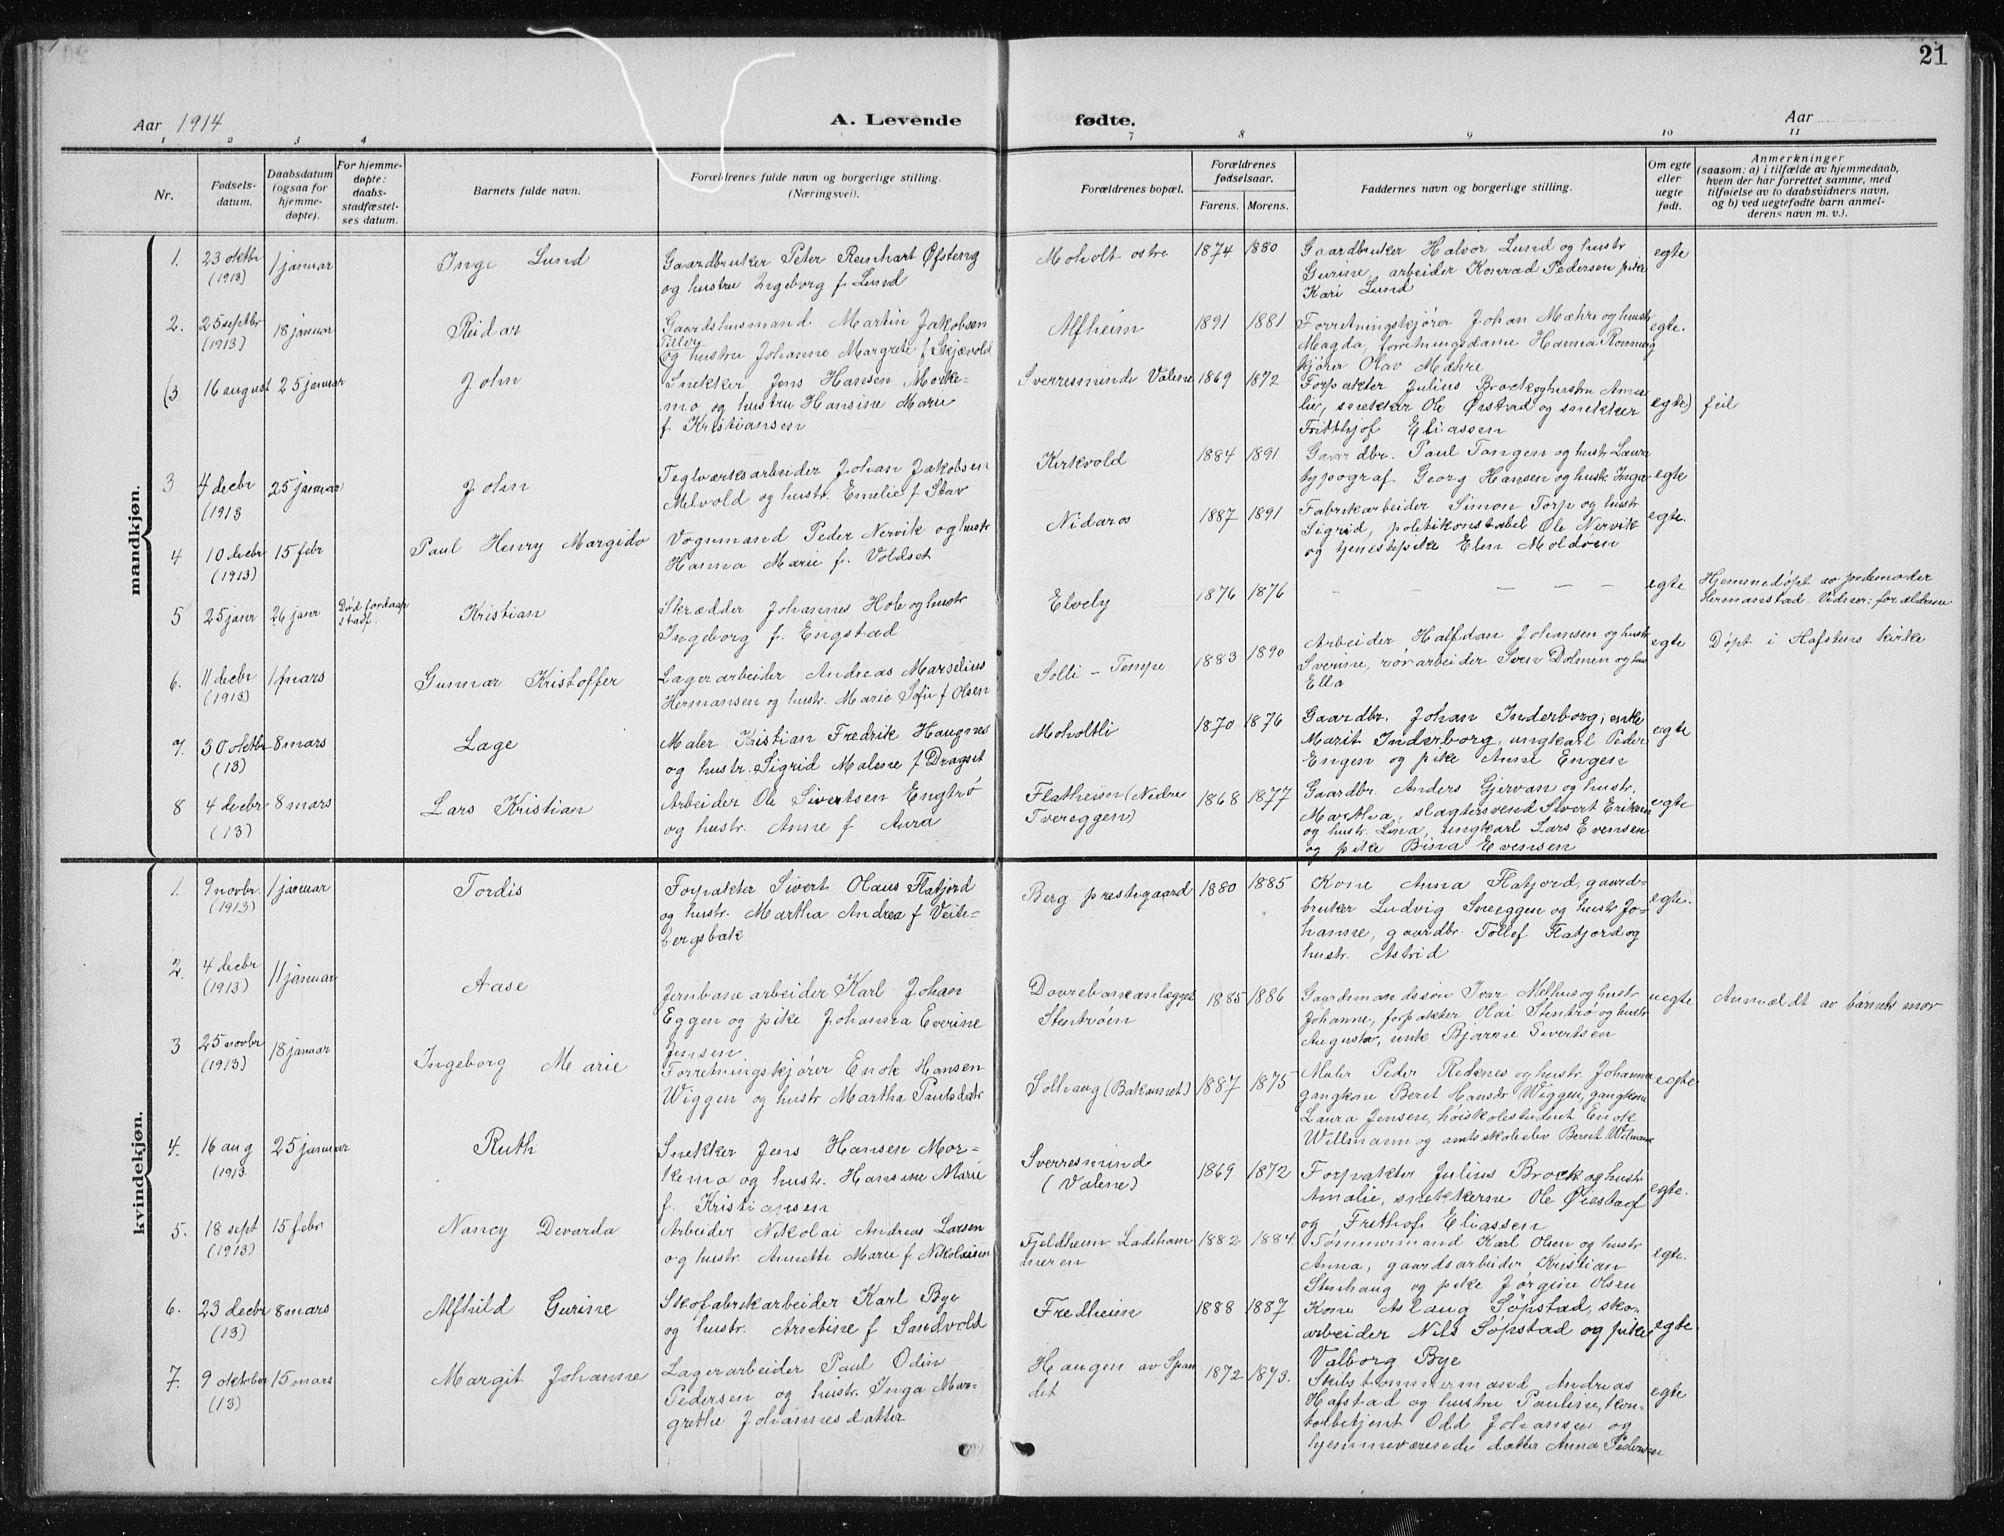 SAT, Ministerialprotokoller, klokkerbøker og fødselsregistre - Sør-Trøndelag, 606/L0314: Klokkerbok nr. 606C10, 1911-1937, s. 21